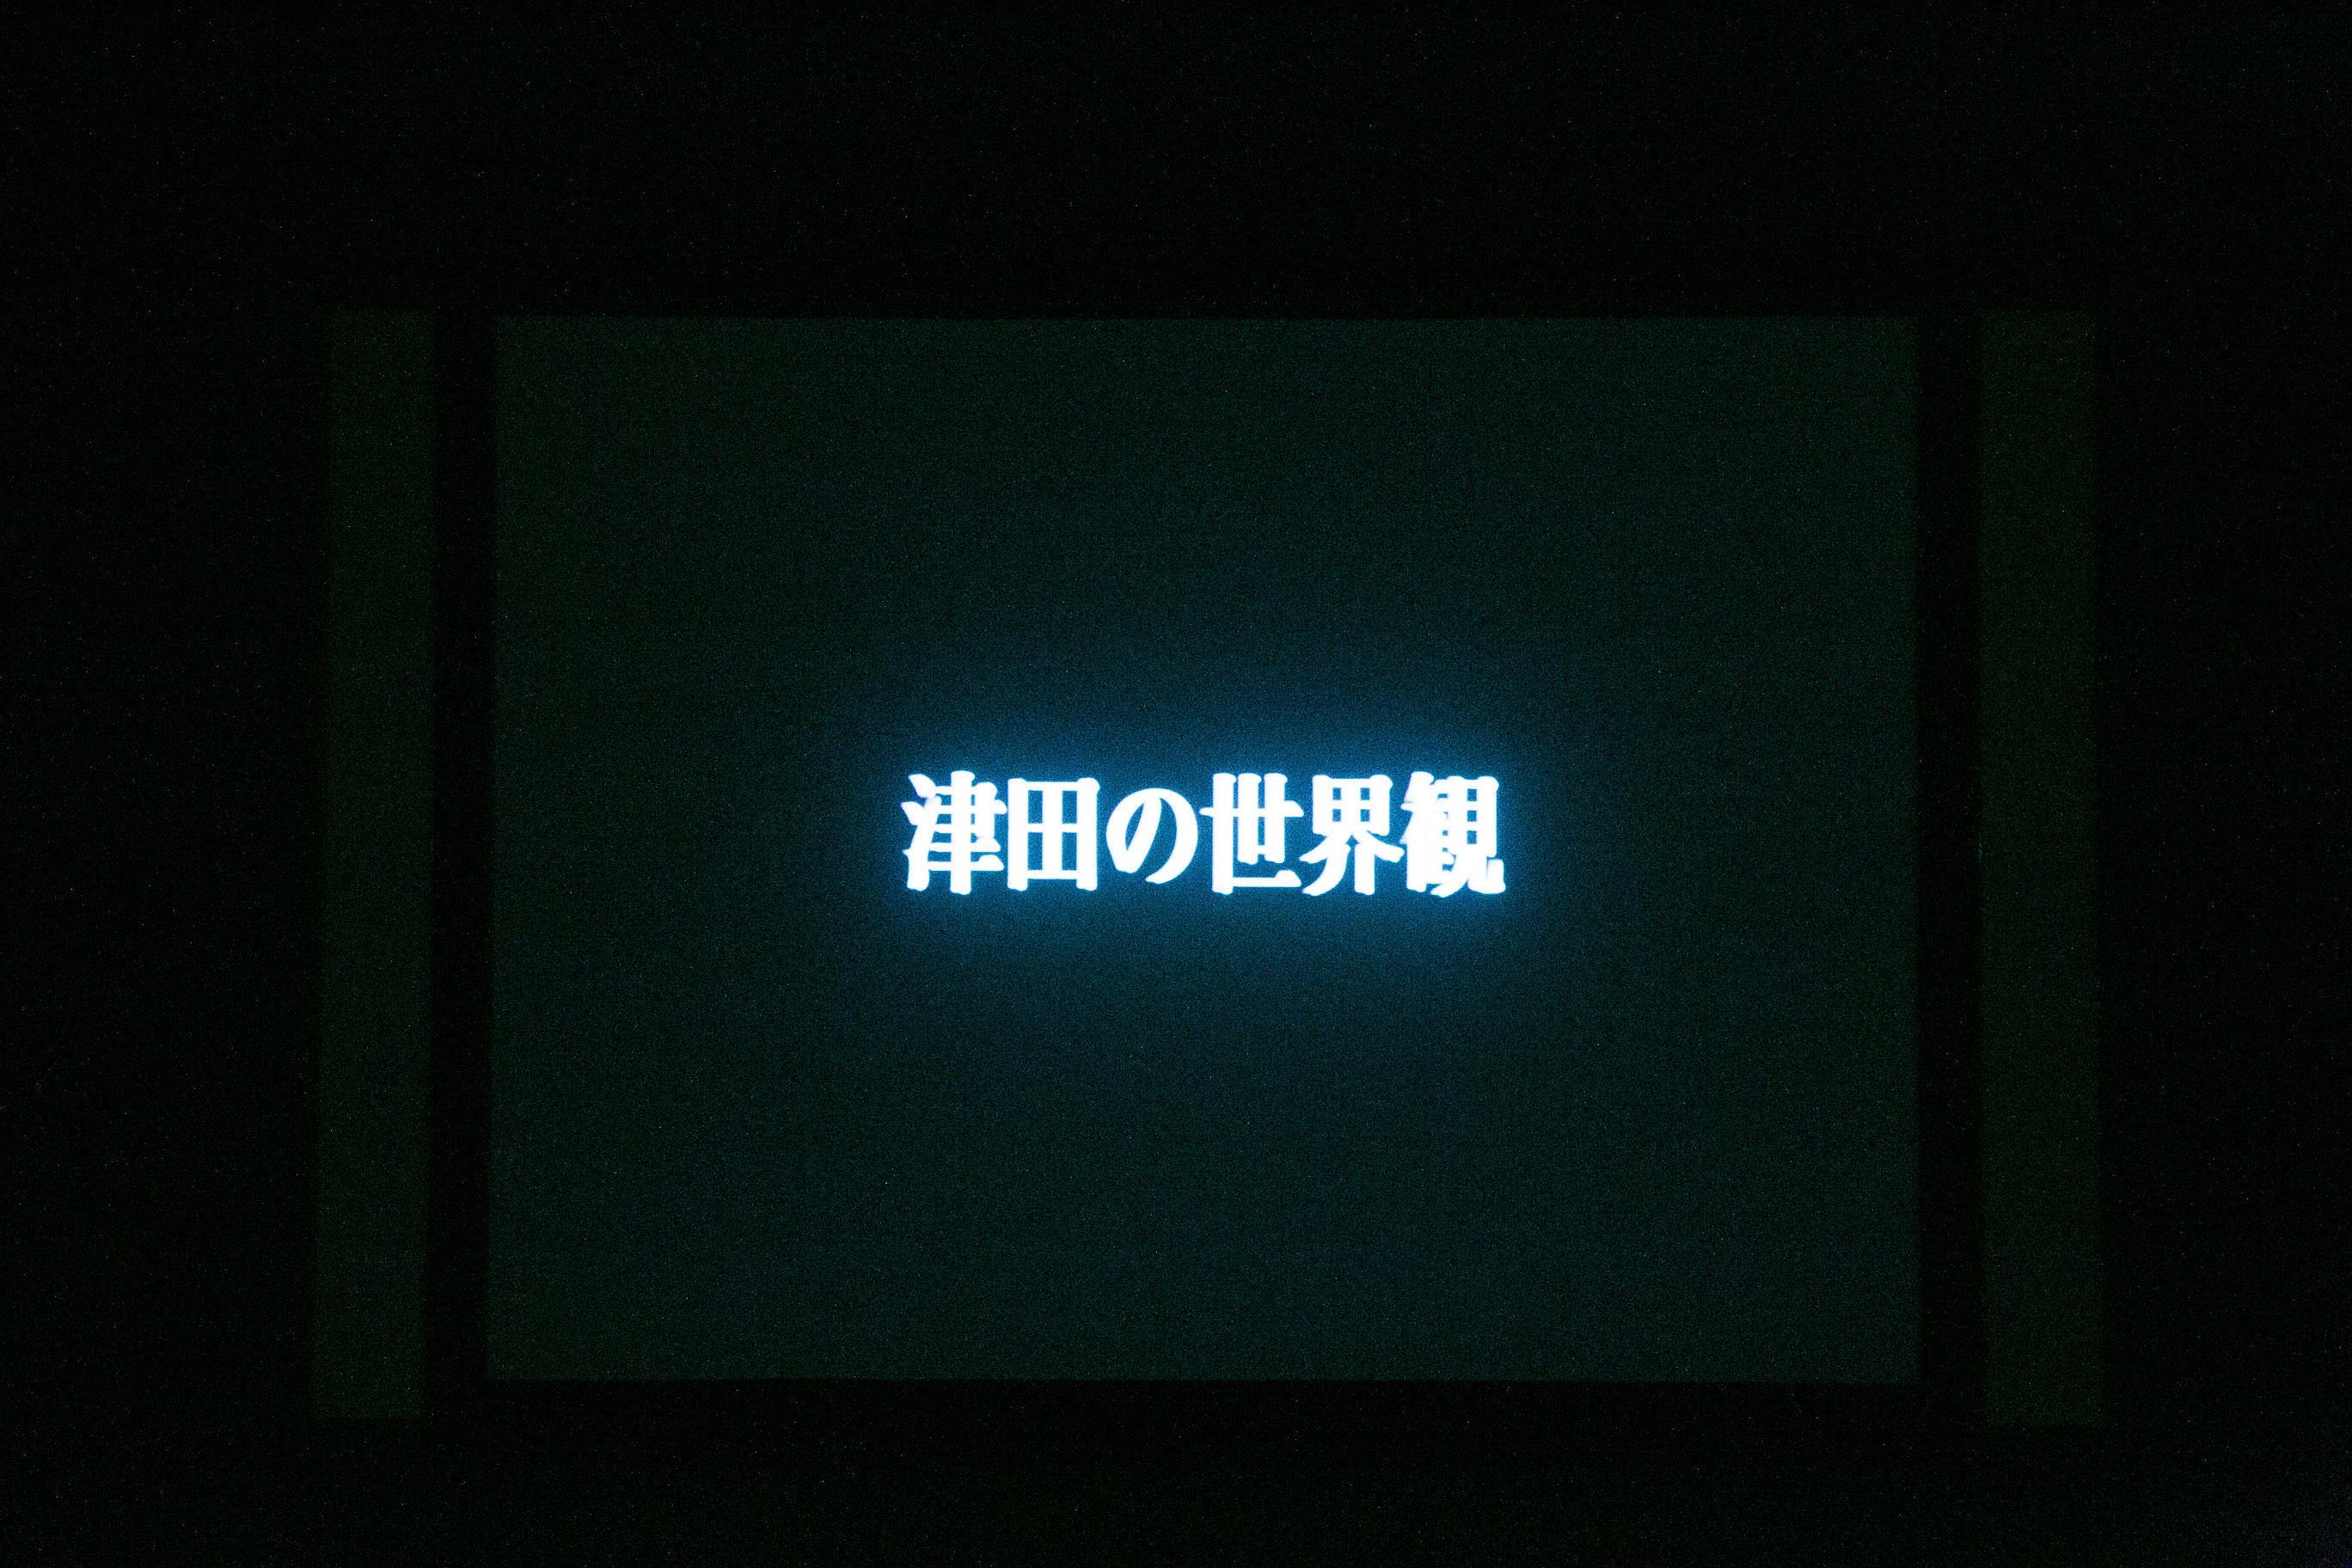 http://news.yoshimoto.co.jp/20180430213746-c5d855b1d674e6339b6ca7534a7a7992dba109be.jpg